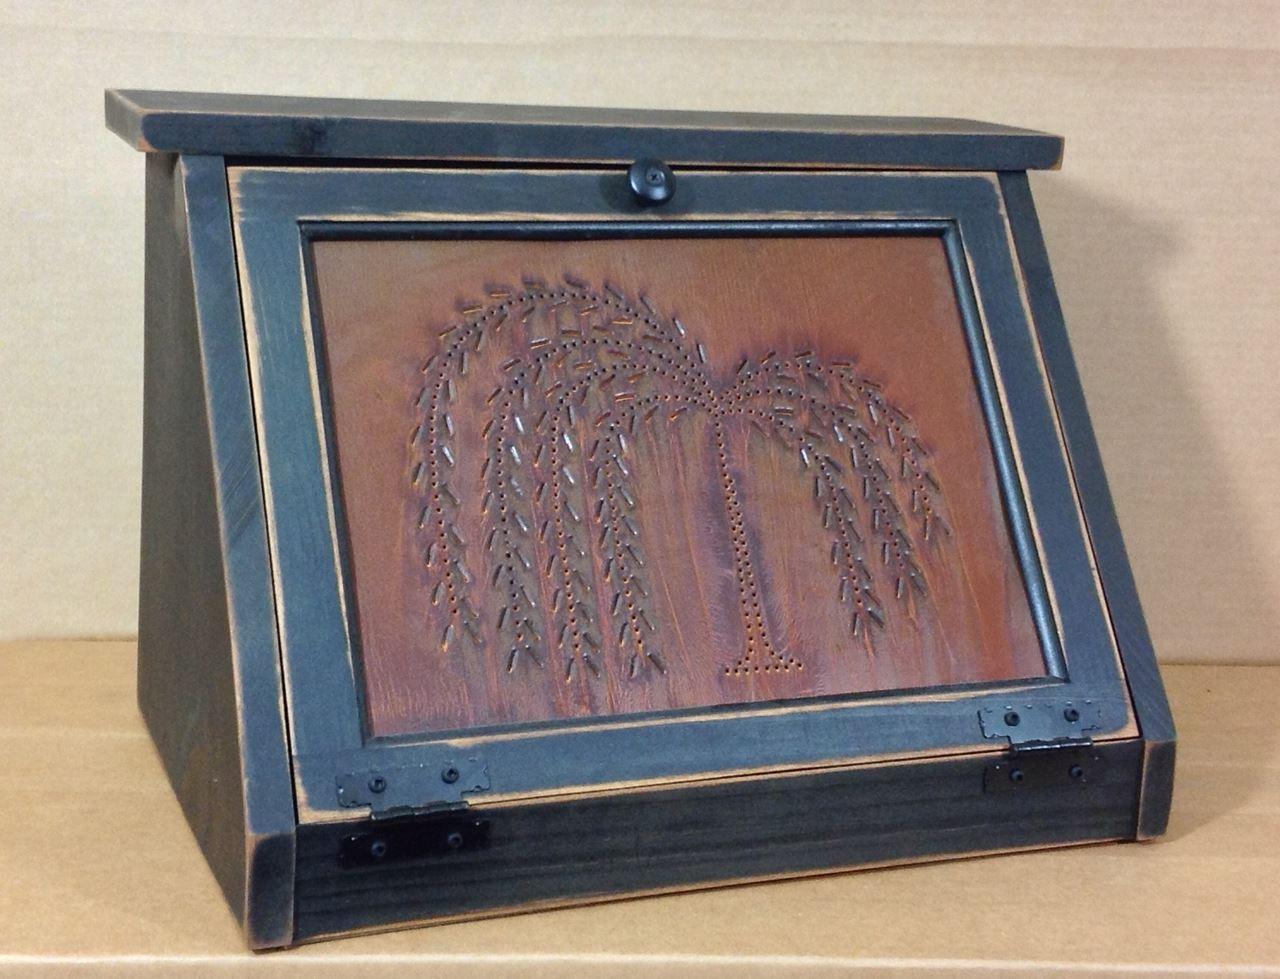 kitchen towel bar home depot backsplash tiles for four seasons furnishings-amish made furniture . vintage ...